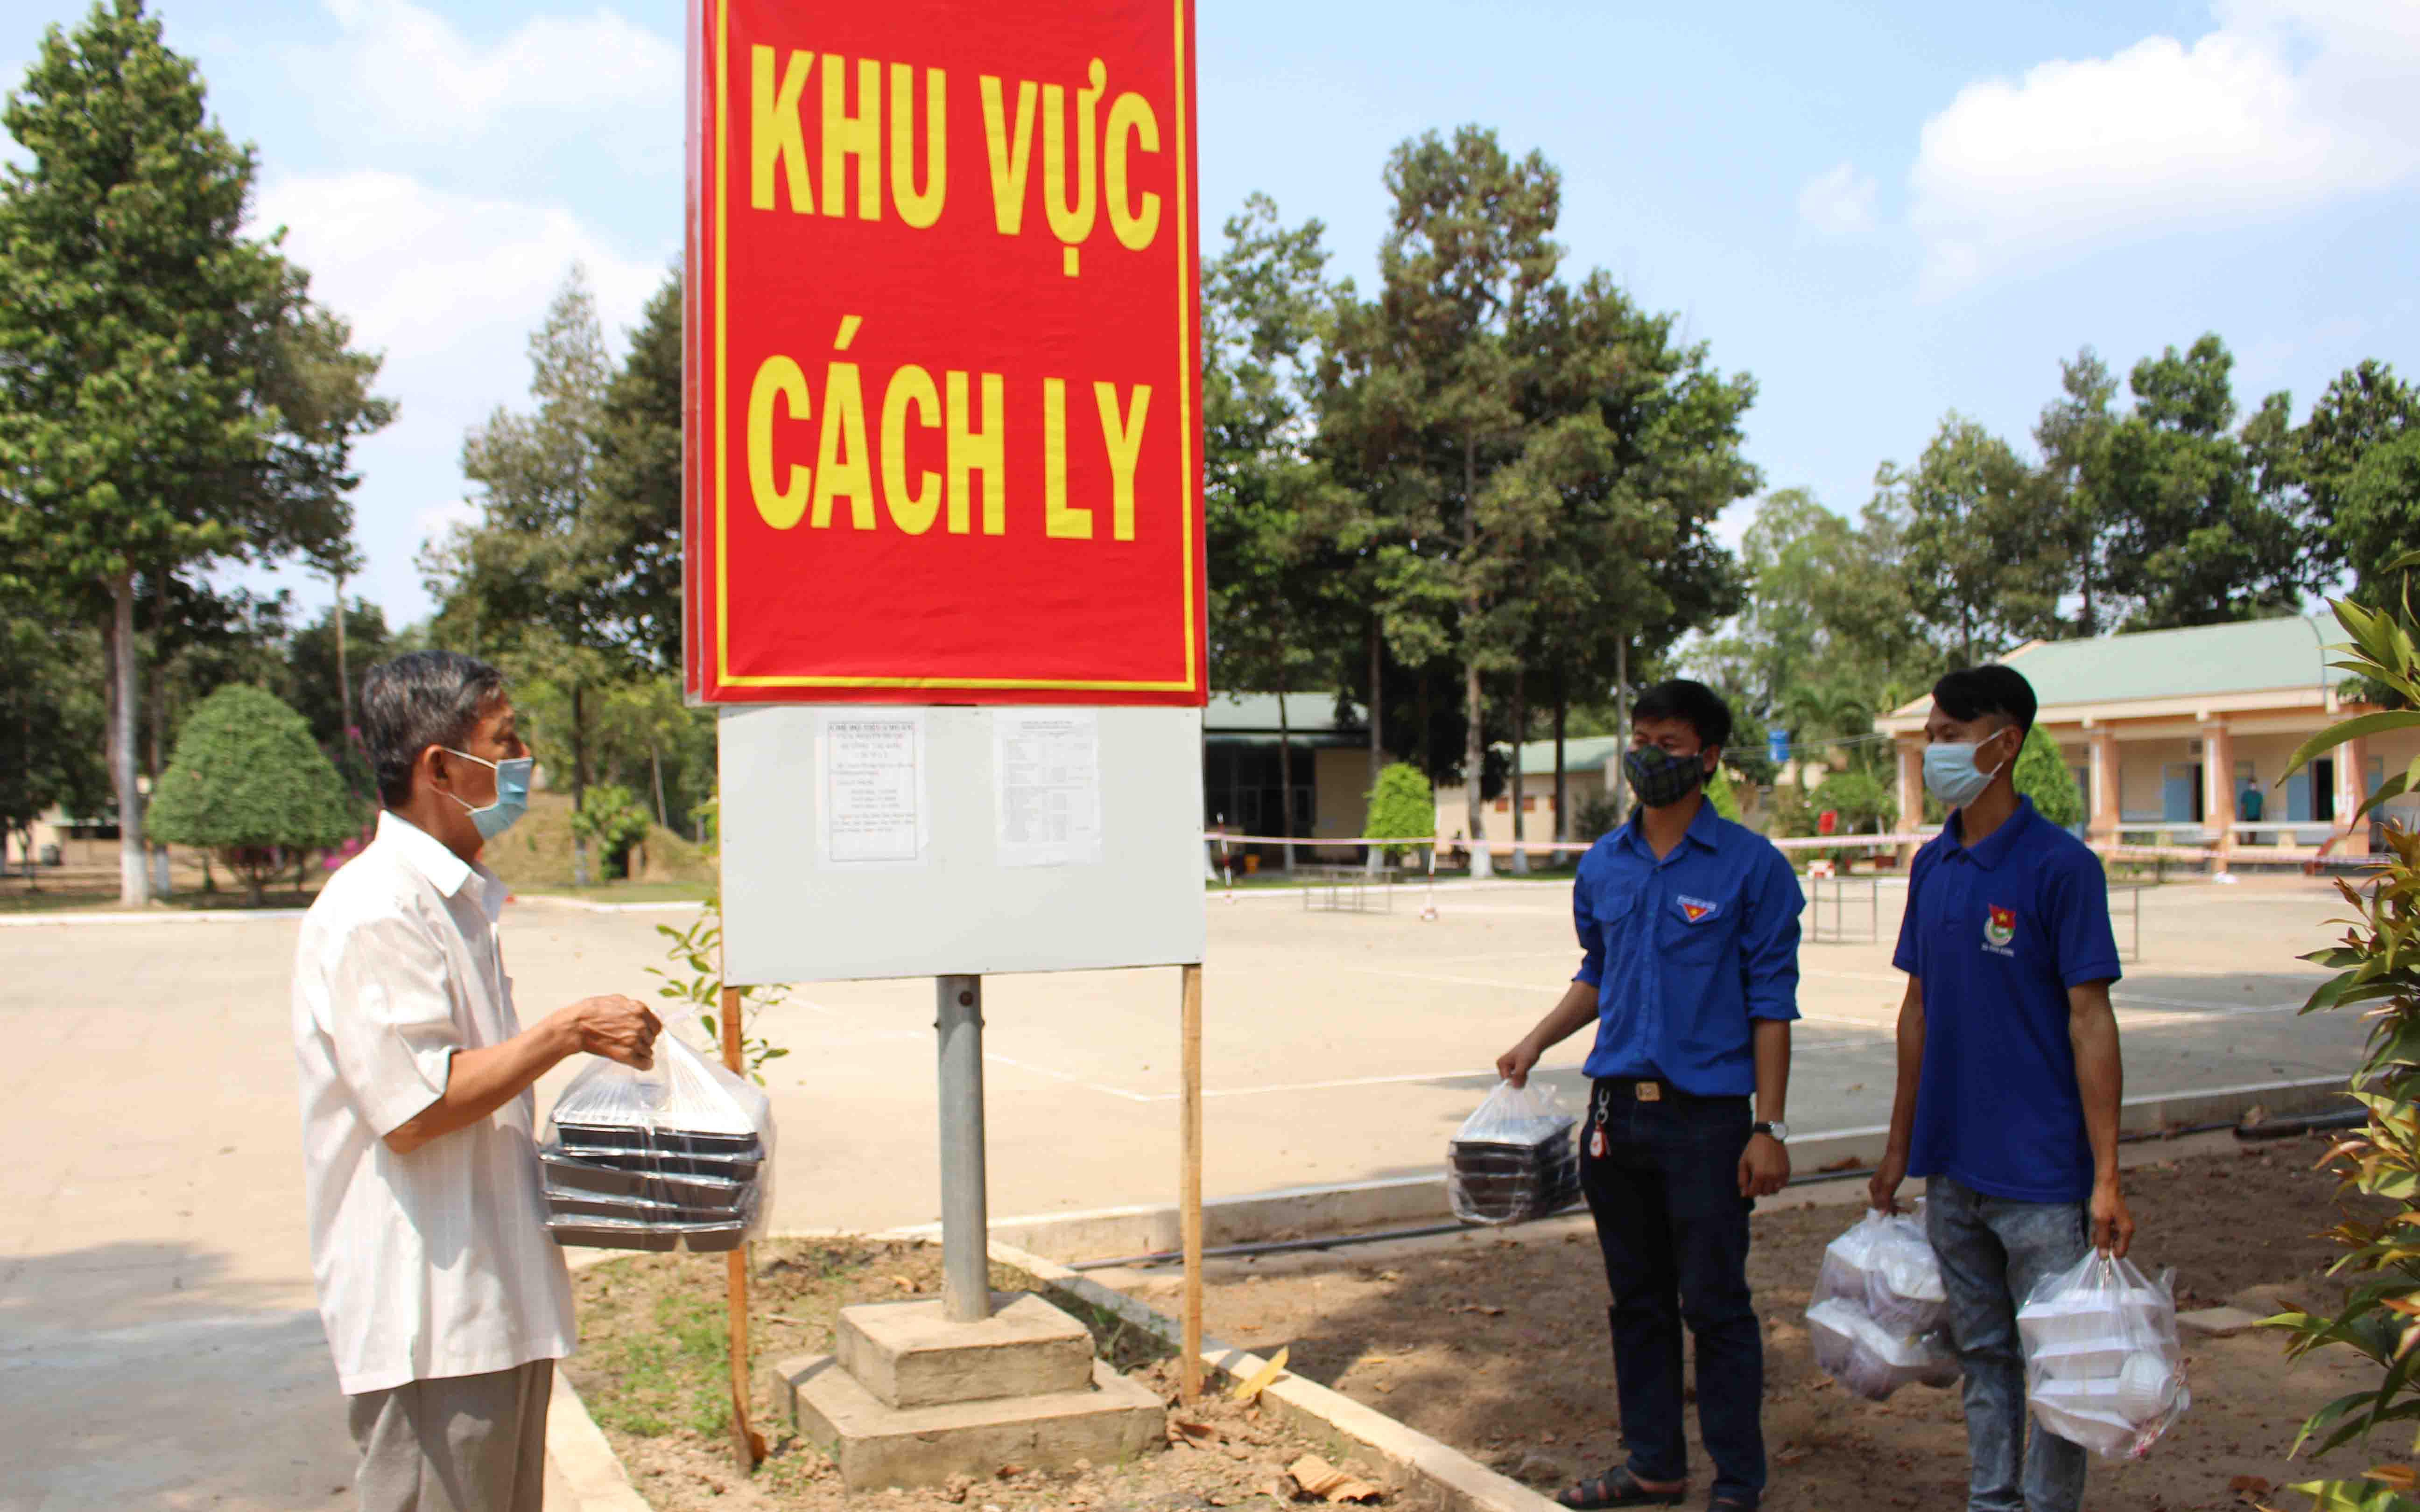 Ảnh: Bộ Tư lệnh hóa học vào cuộc, phun khử trùng toàn bộ Bệnh viện Bạch Mai sau khi liên tiếp có ca nhiễm Covid-19